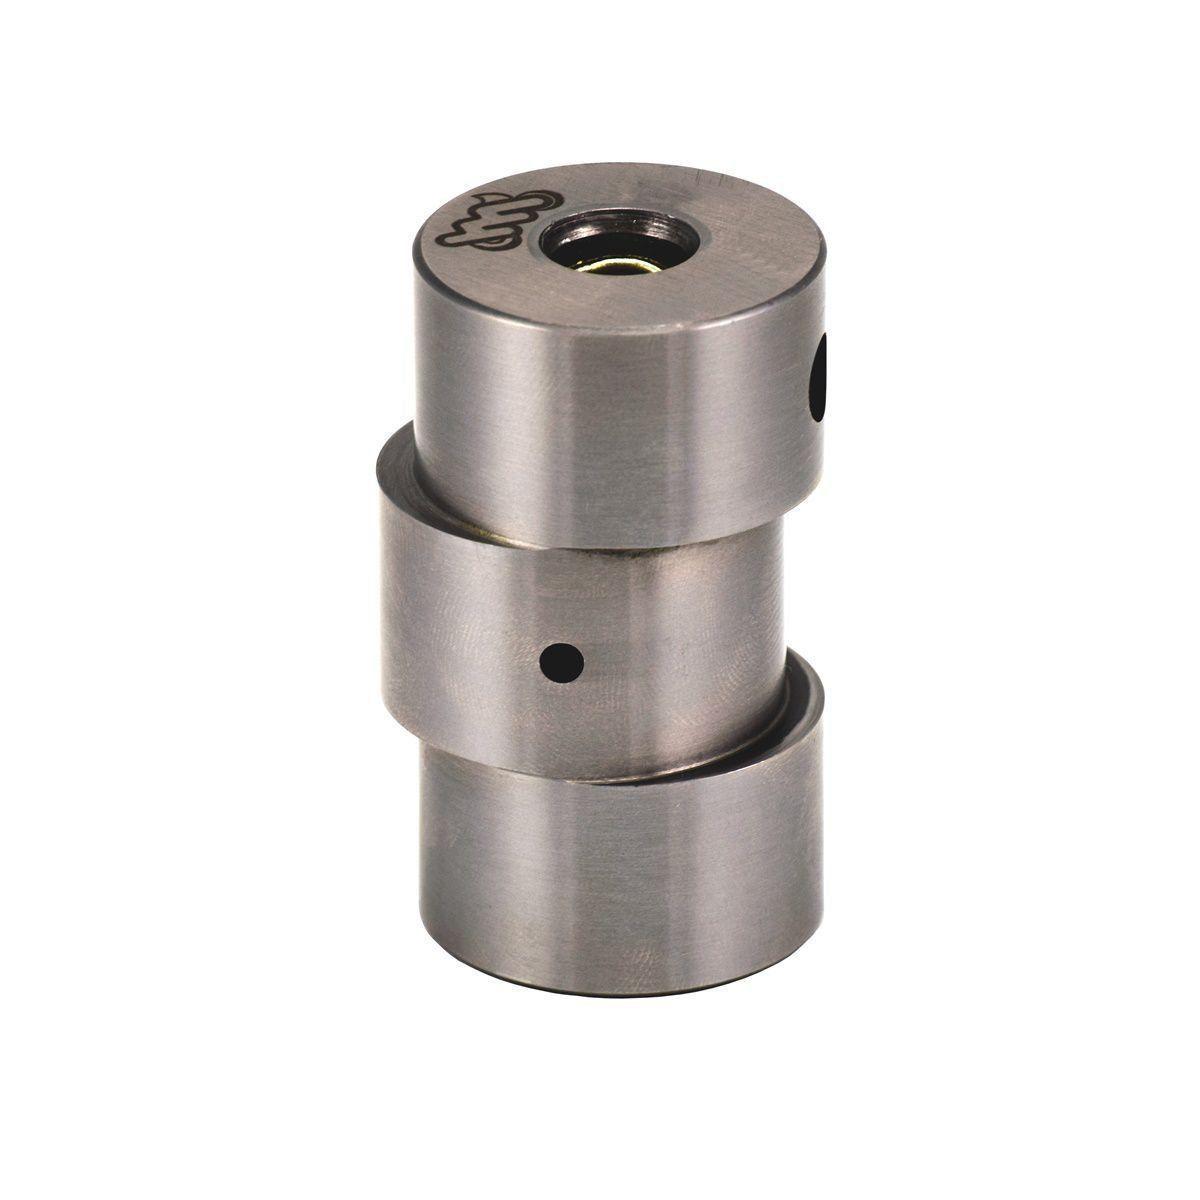 Pino Cursado 3mm Competição Master Cia Crf 230 Xr 200 Cbx 200 Cg 125 /2002